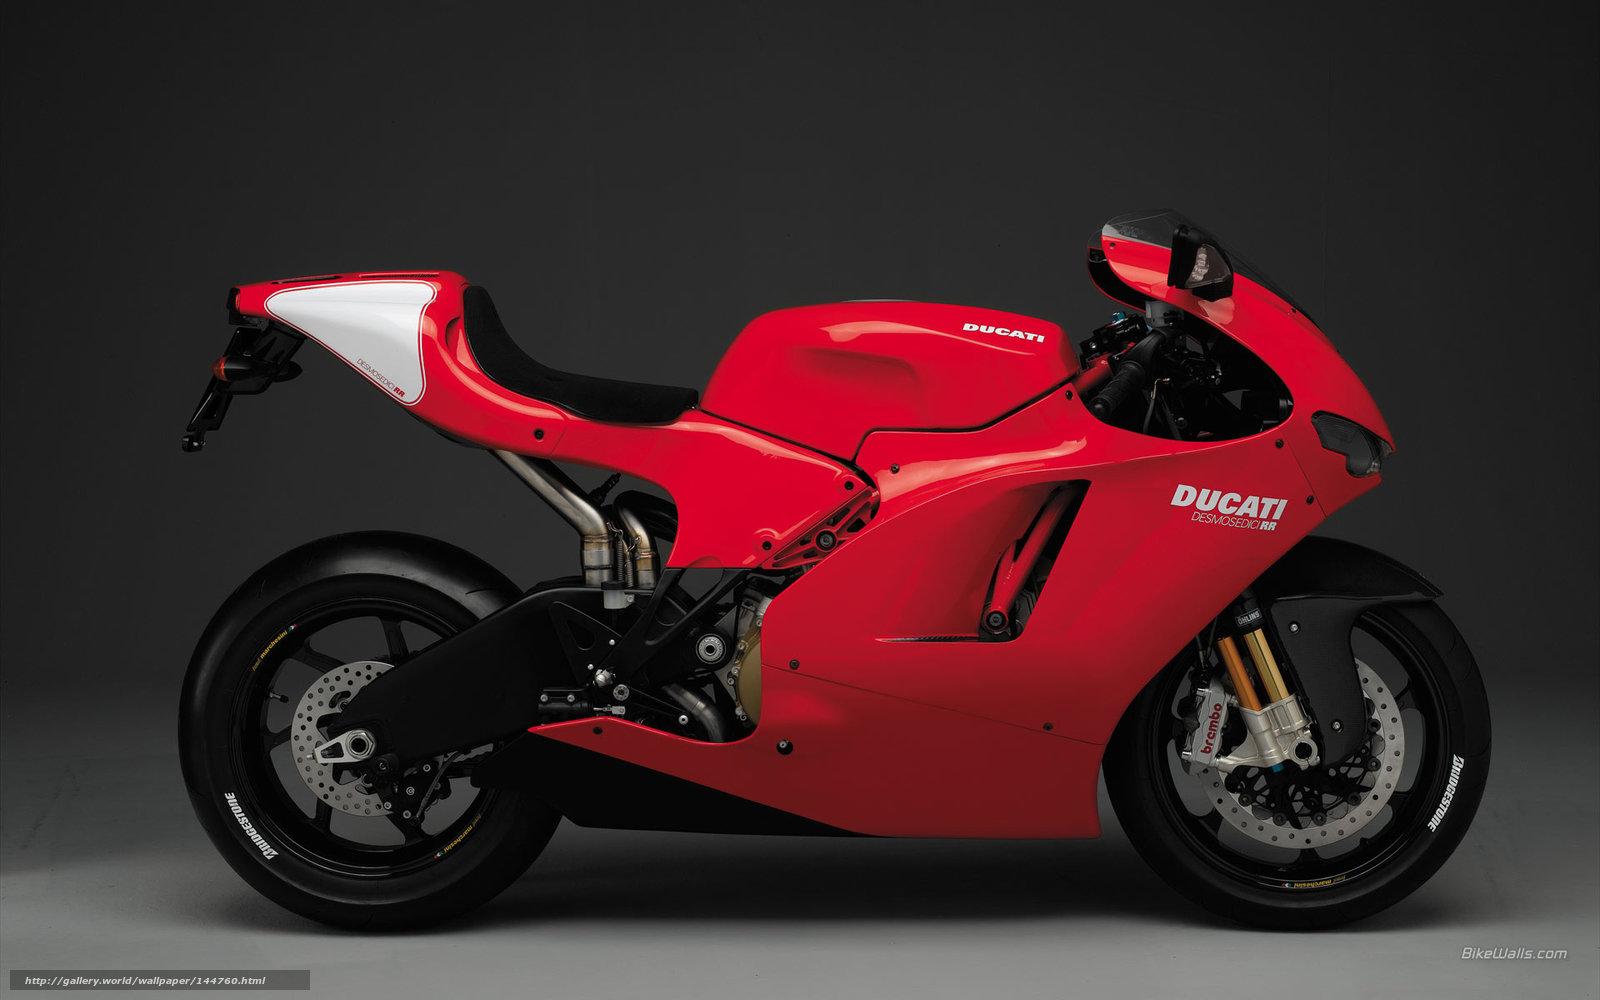 Скачать обои Ducati,  Superbike,  Desmosedici RR,  Desmosedici RR 2006 бесплатно для рабочего стола в разрешении 1920x1200 — картинка №144760